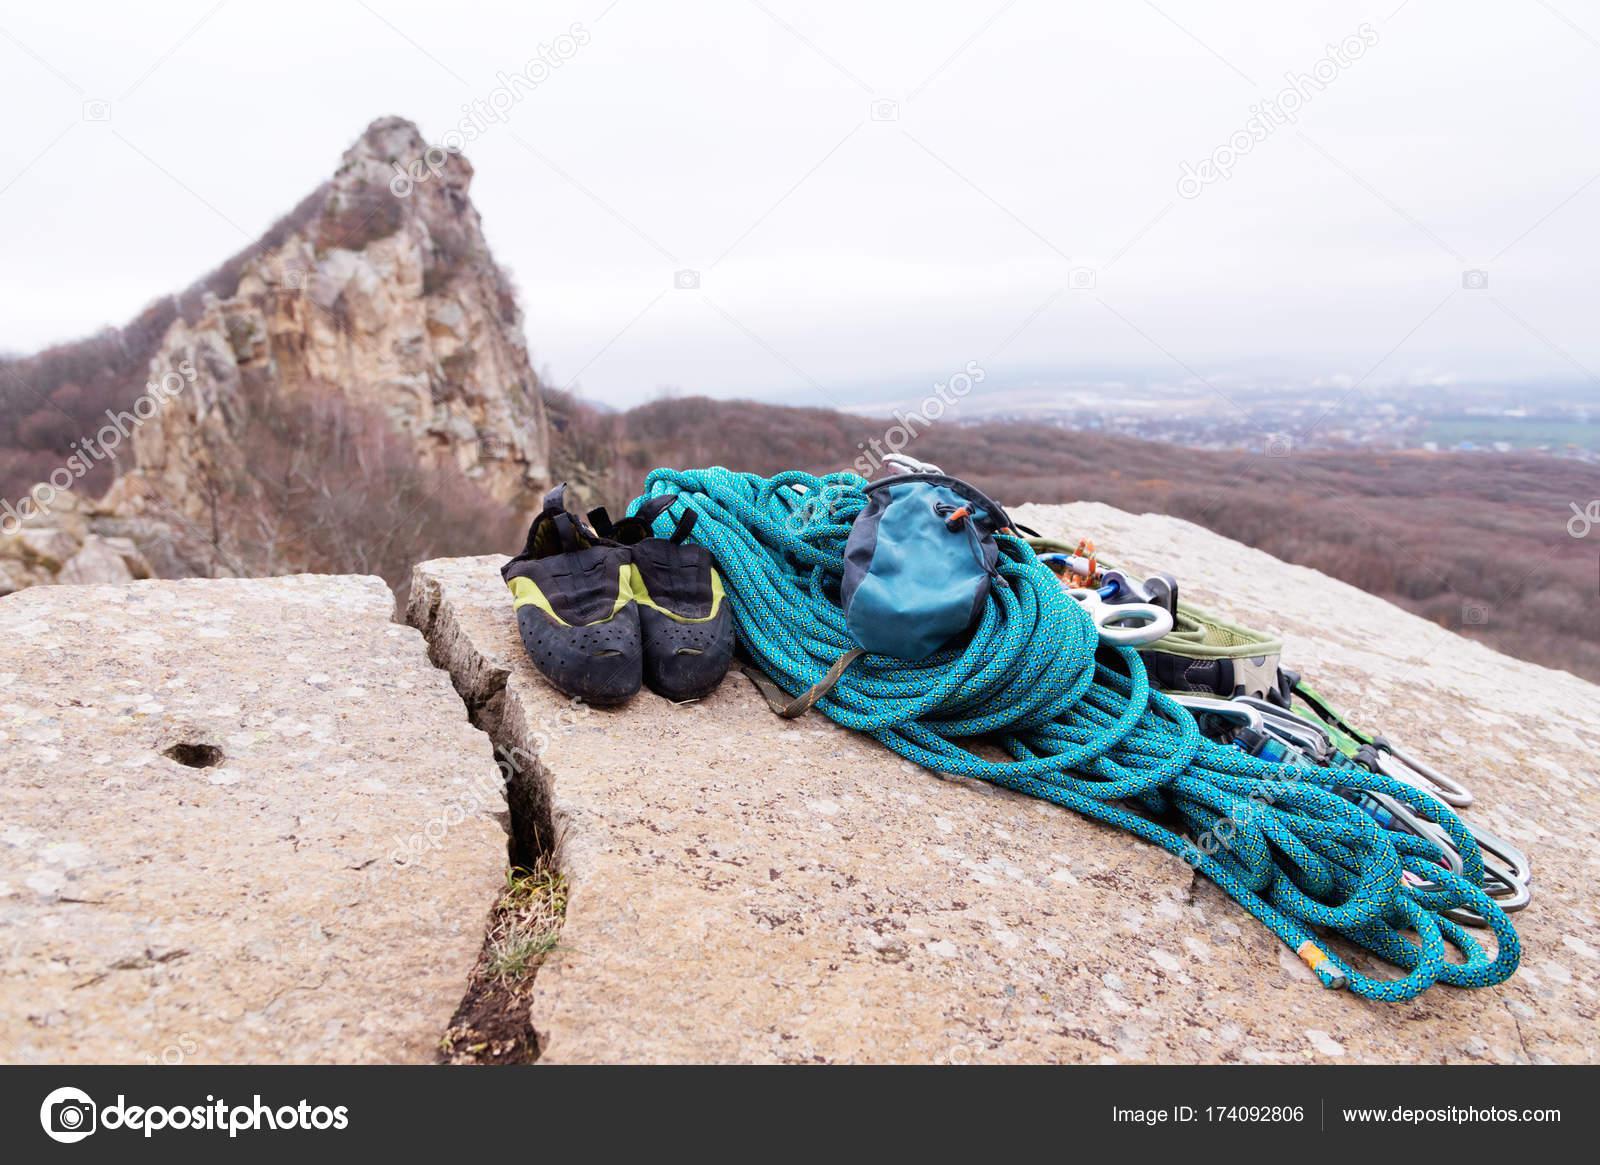 Kletterausrüstung Für Draußen : Kletterausrüstung hartware karabiner co ausrüstung